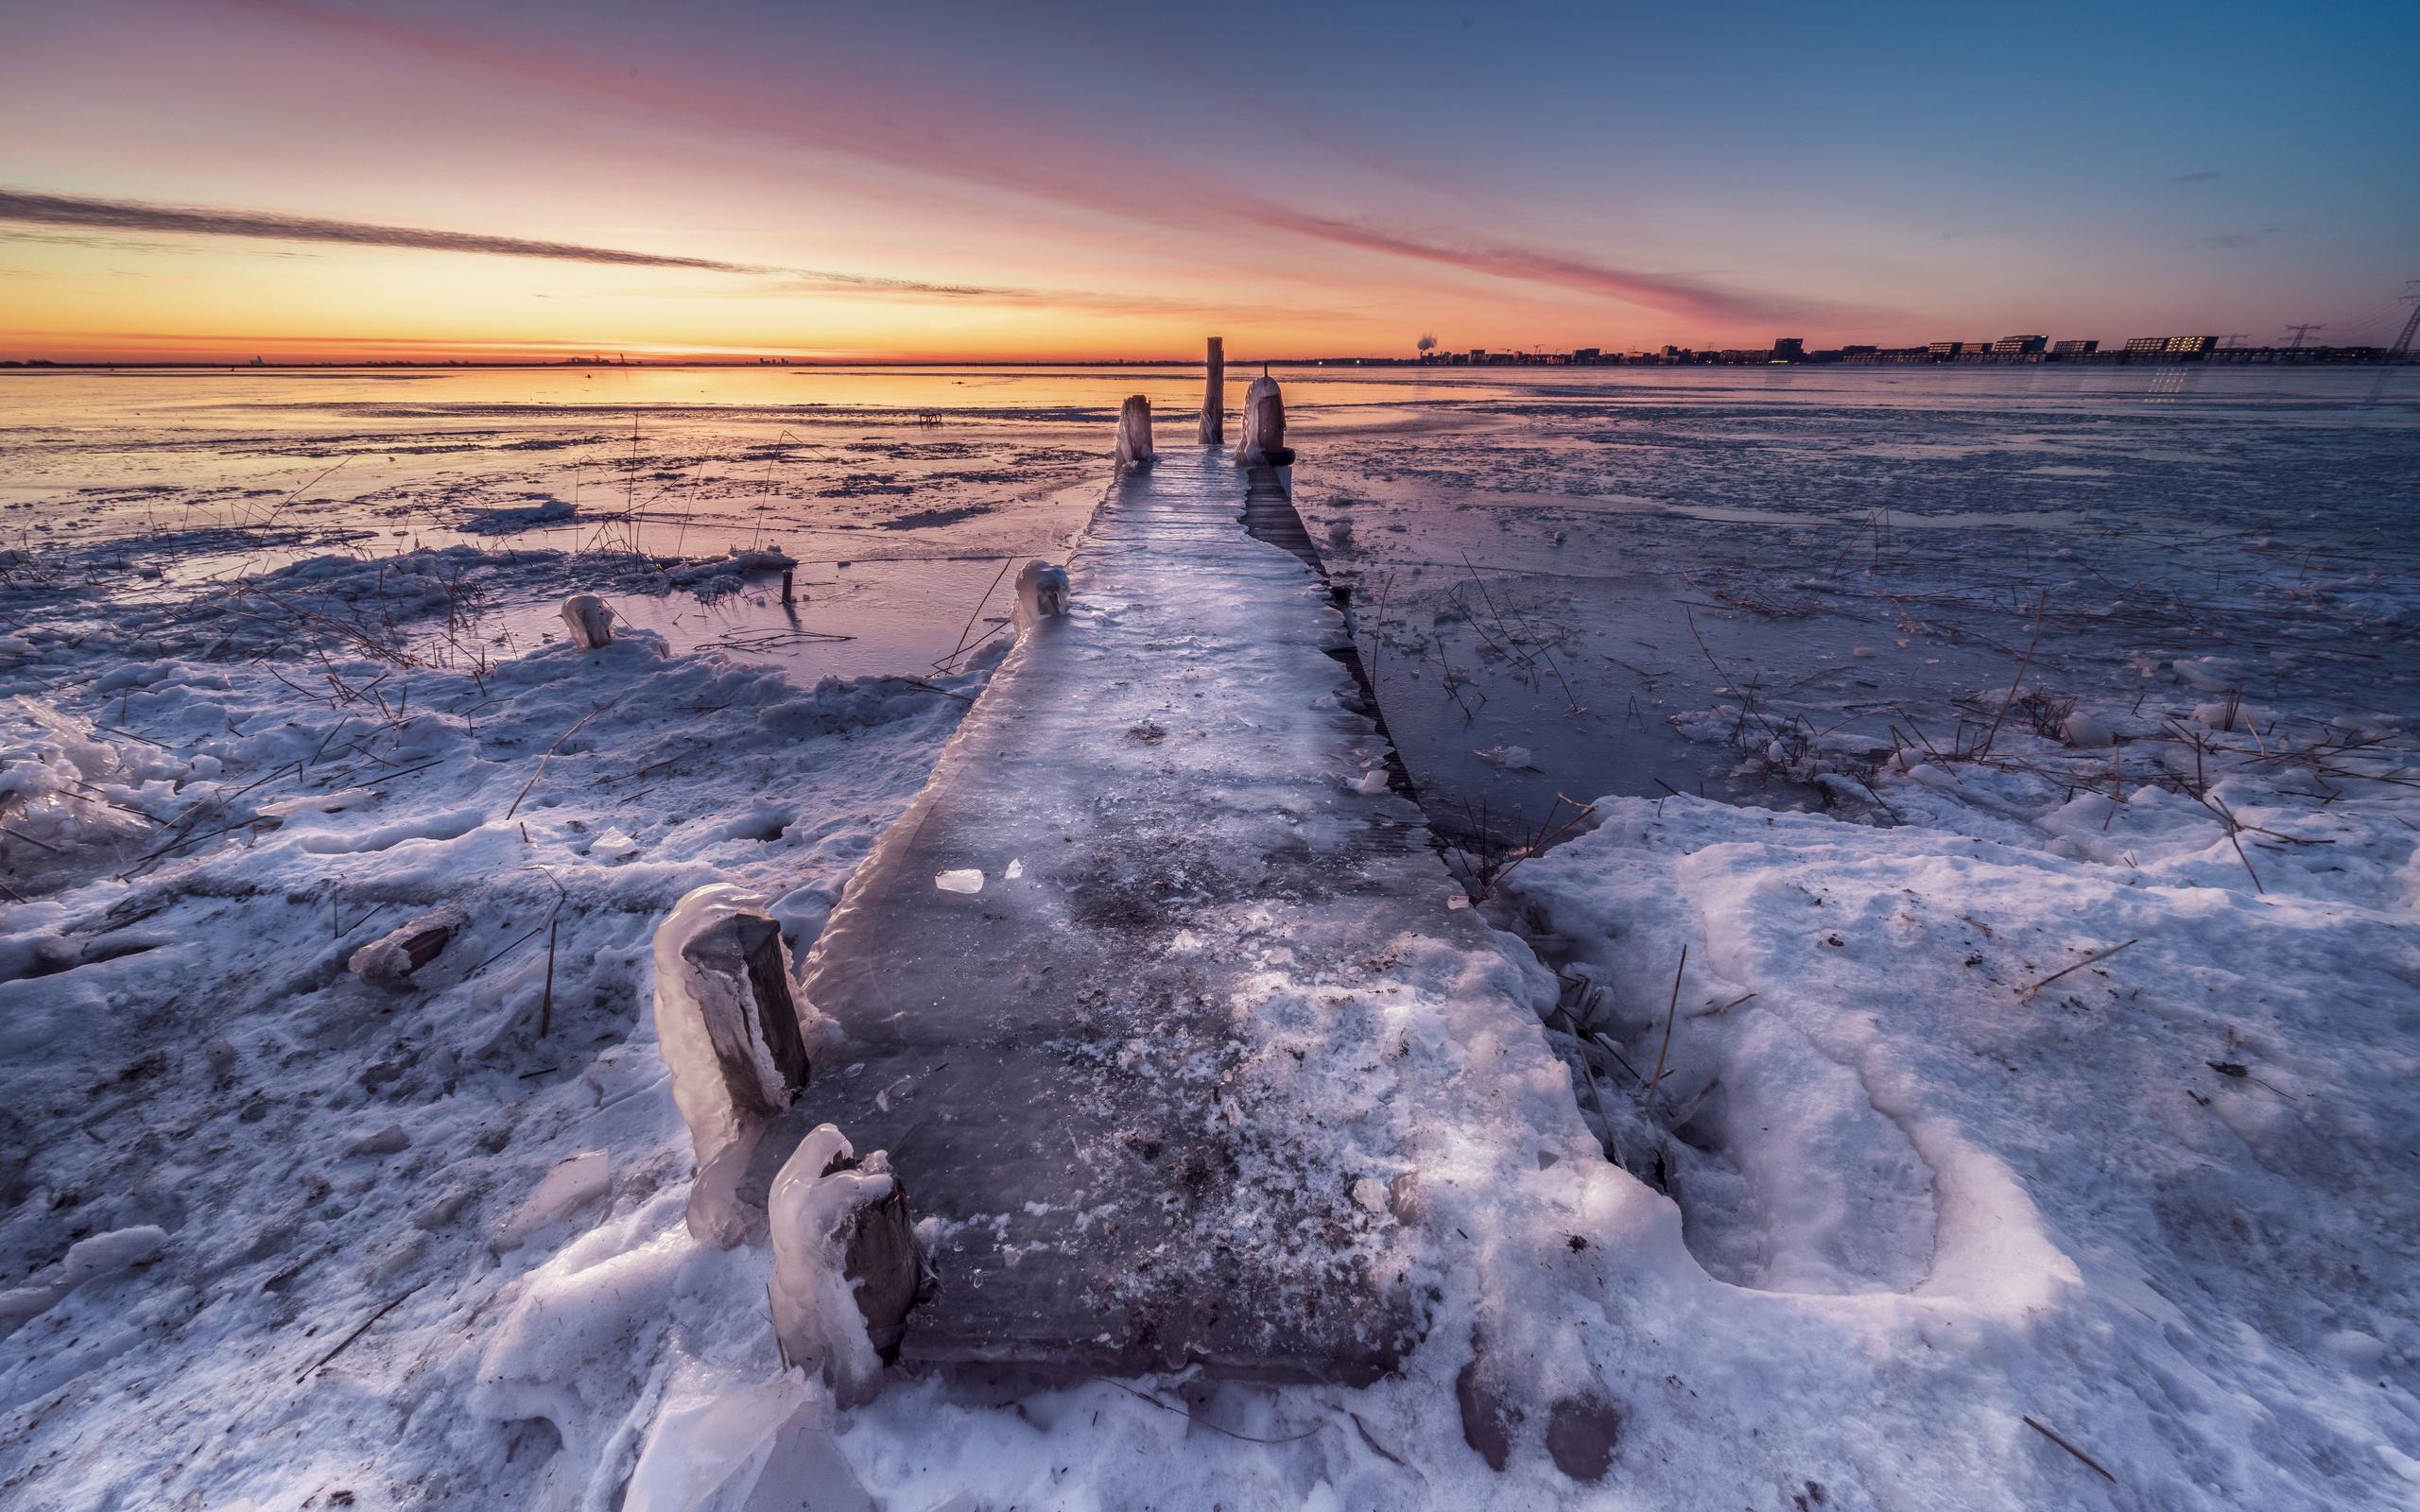 нидерланды, побережье, причал, durgerdam, лед, природа, берег, голландия, пирсы, пристань